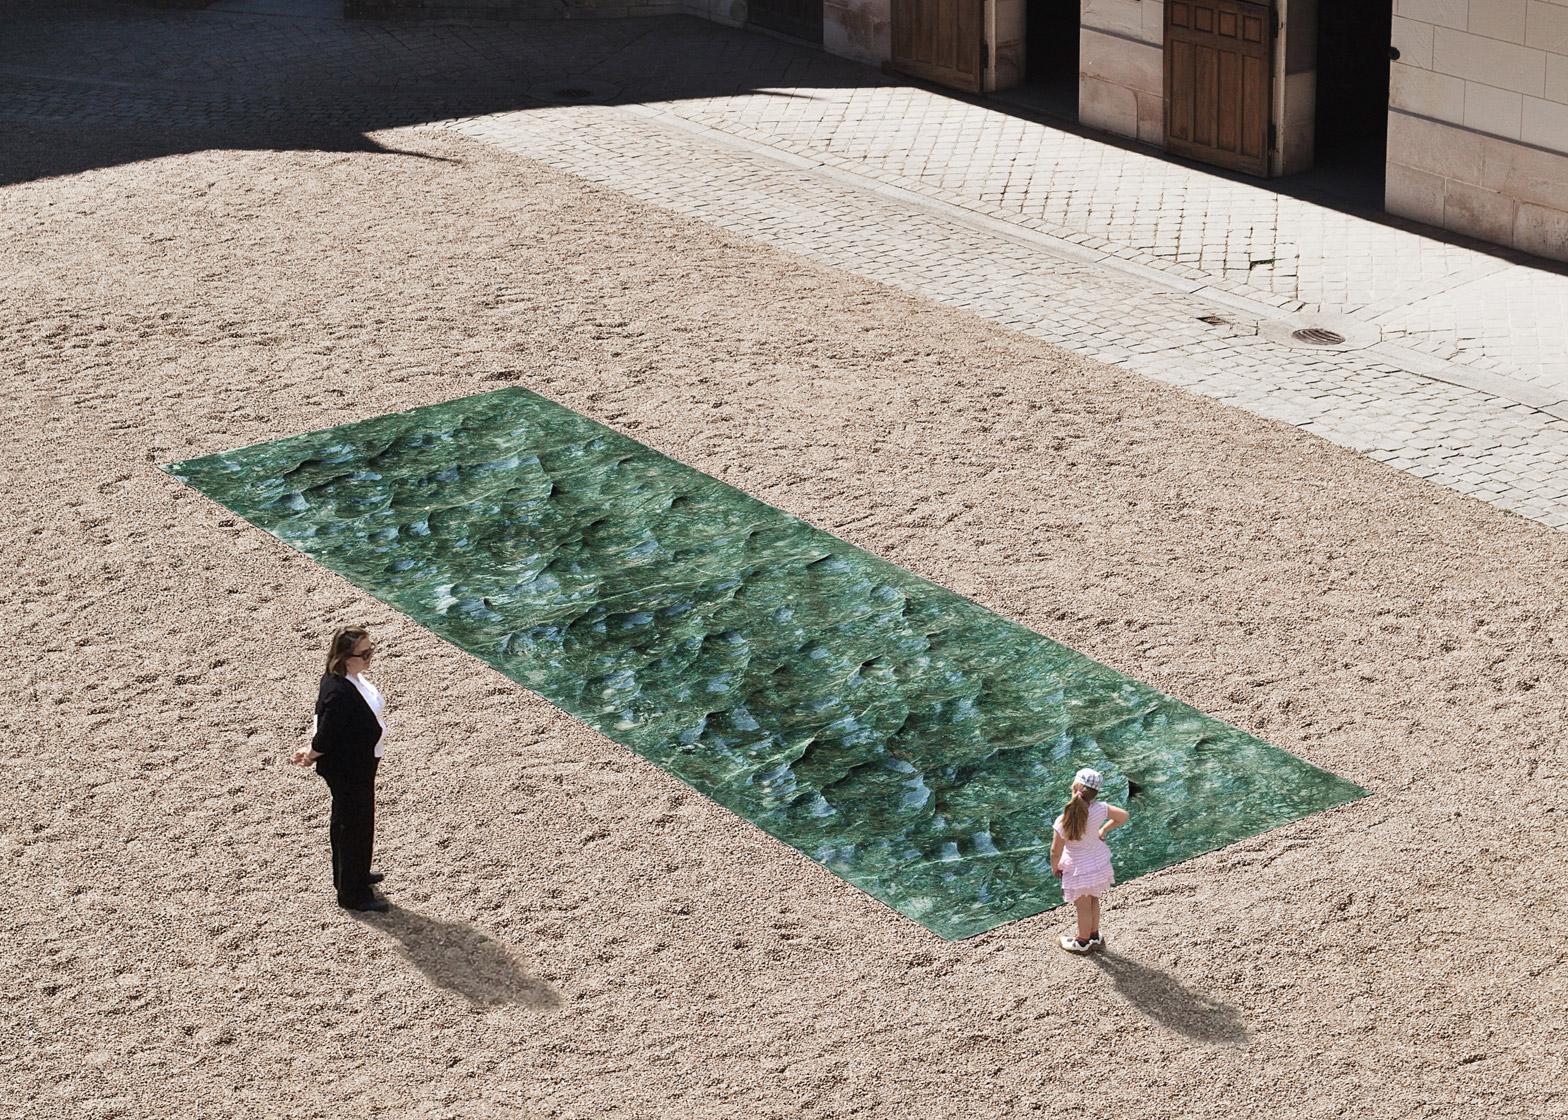 Das pool aus flüssigem marmor von mathieu lehanneur toskana naturstein